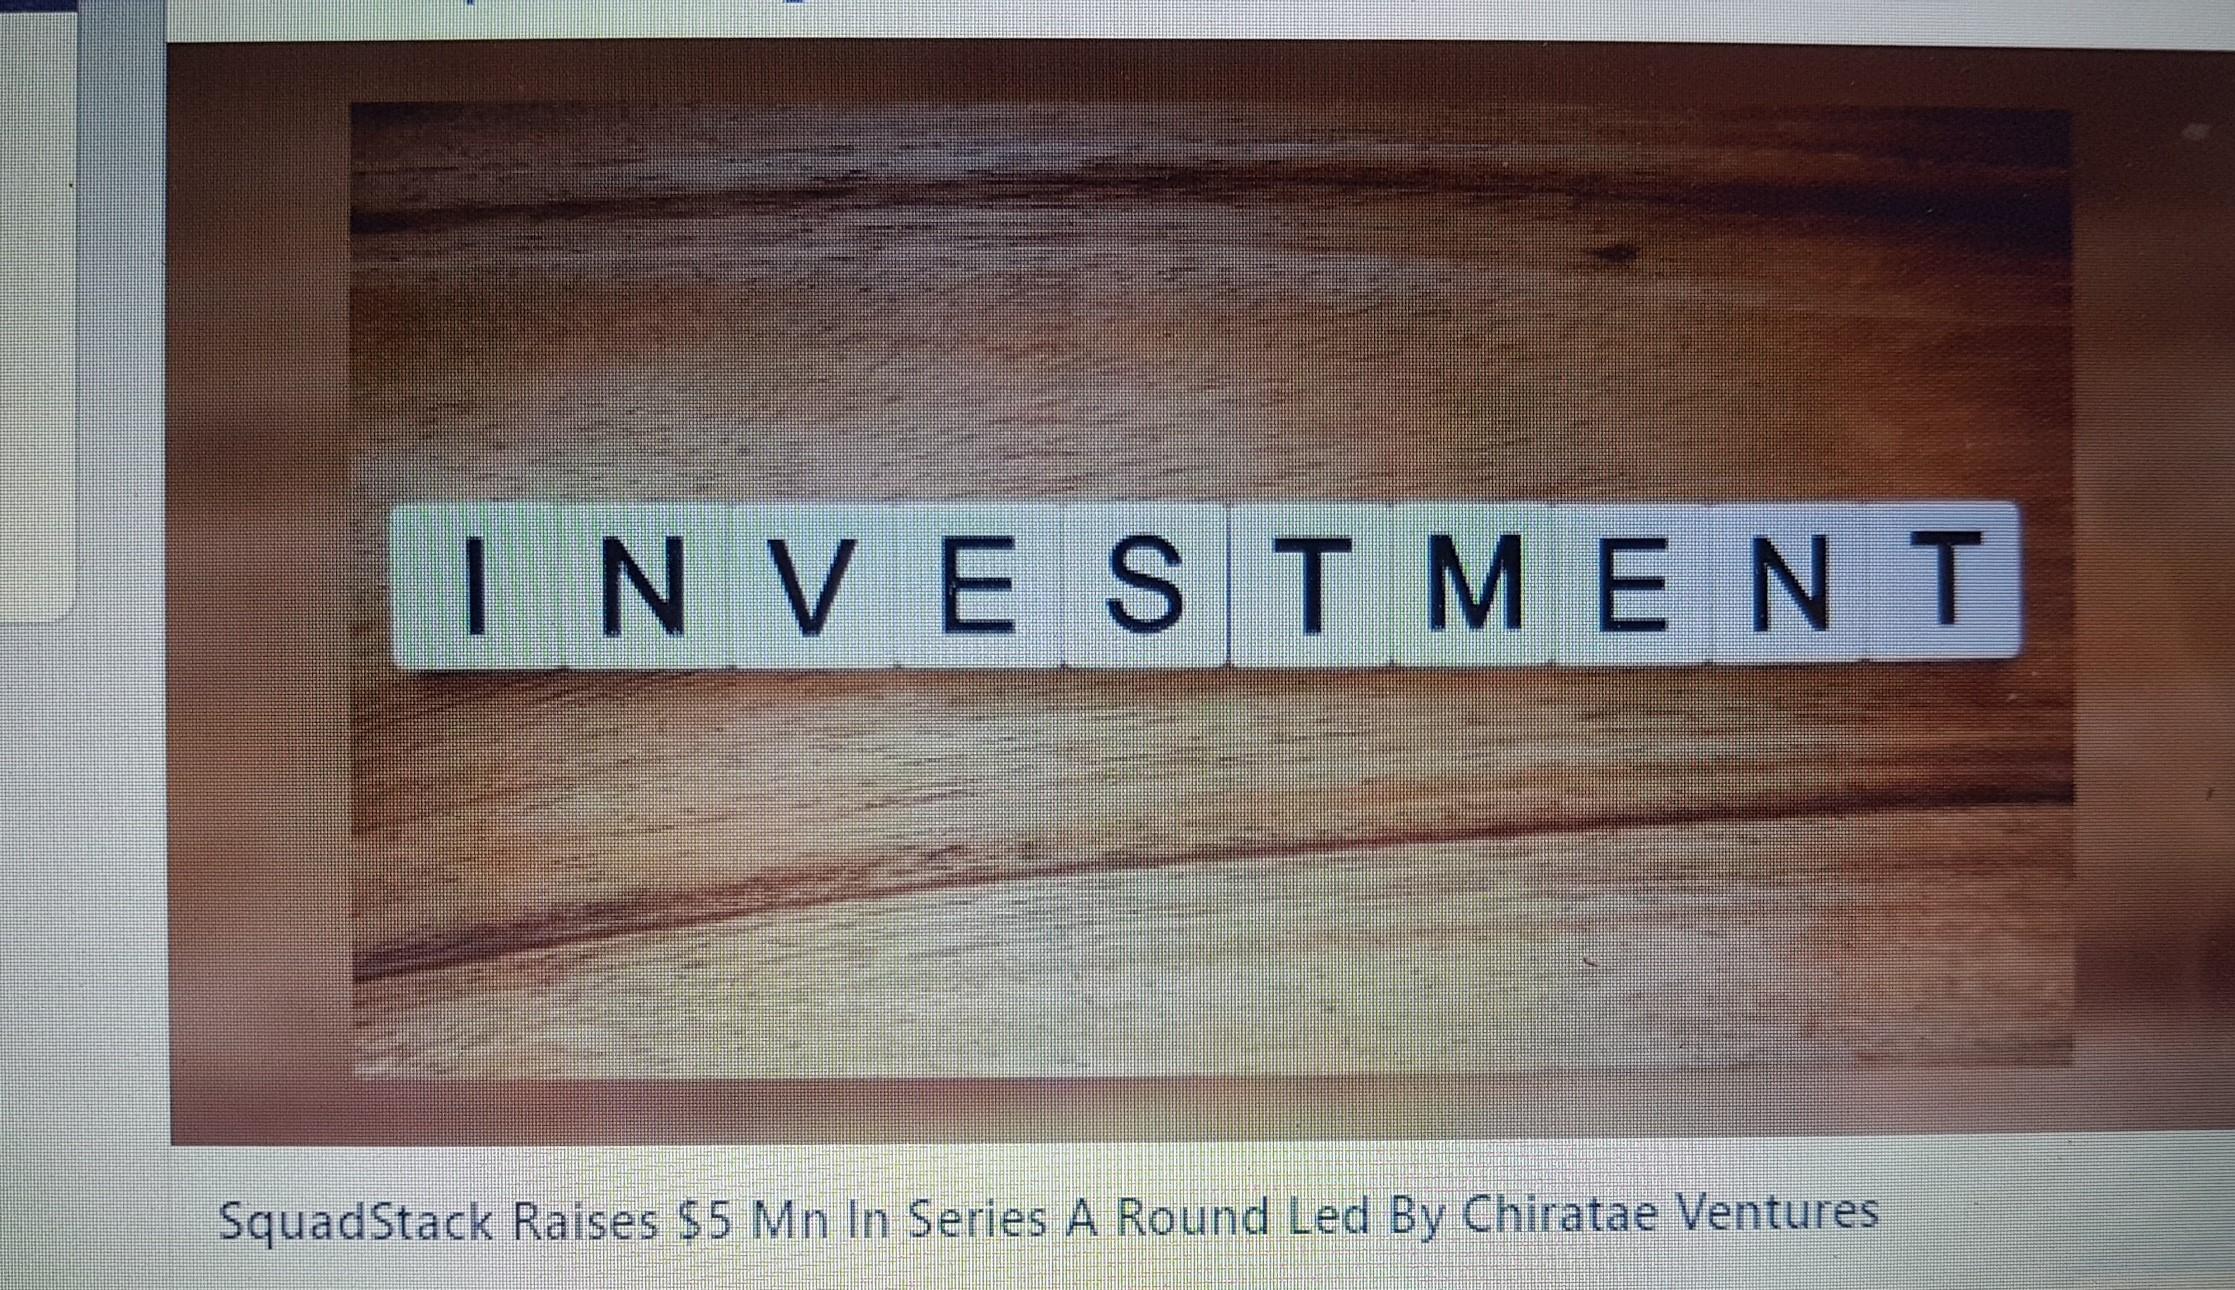 Portfolio company SquadRun raises $5m from consortium led by Chiratae Ventures